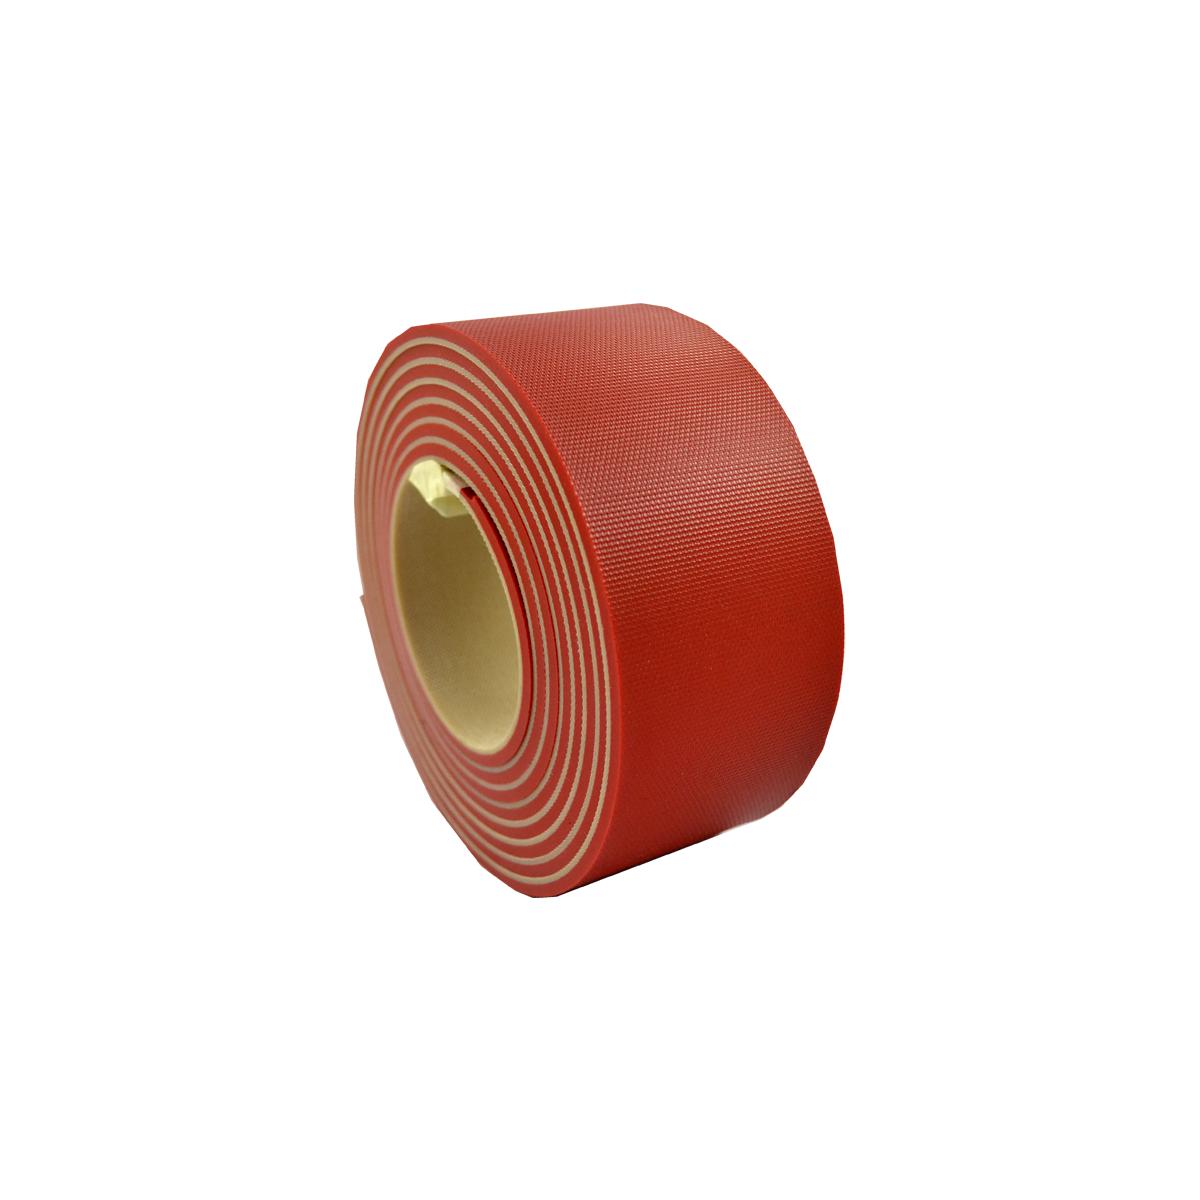 070-006-757RH Distributor Belt Red Hot